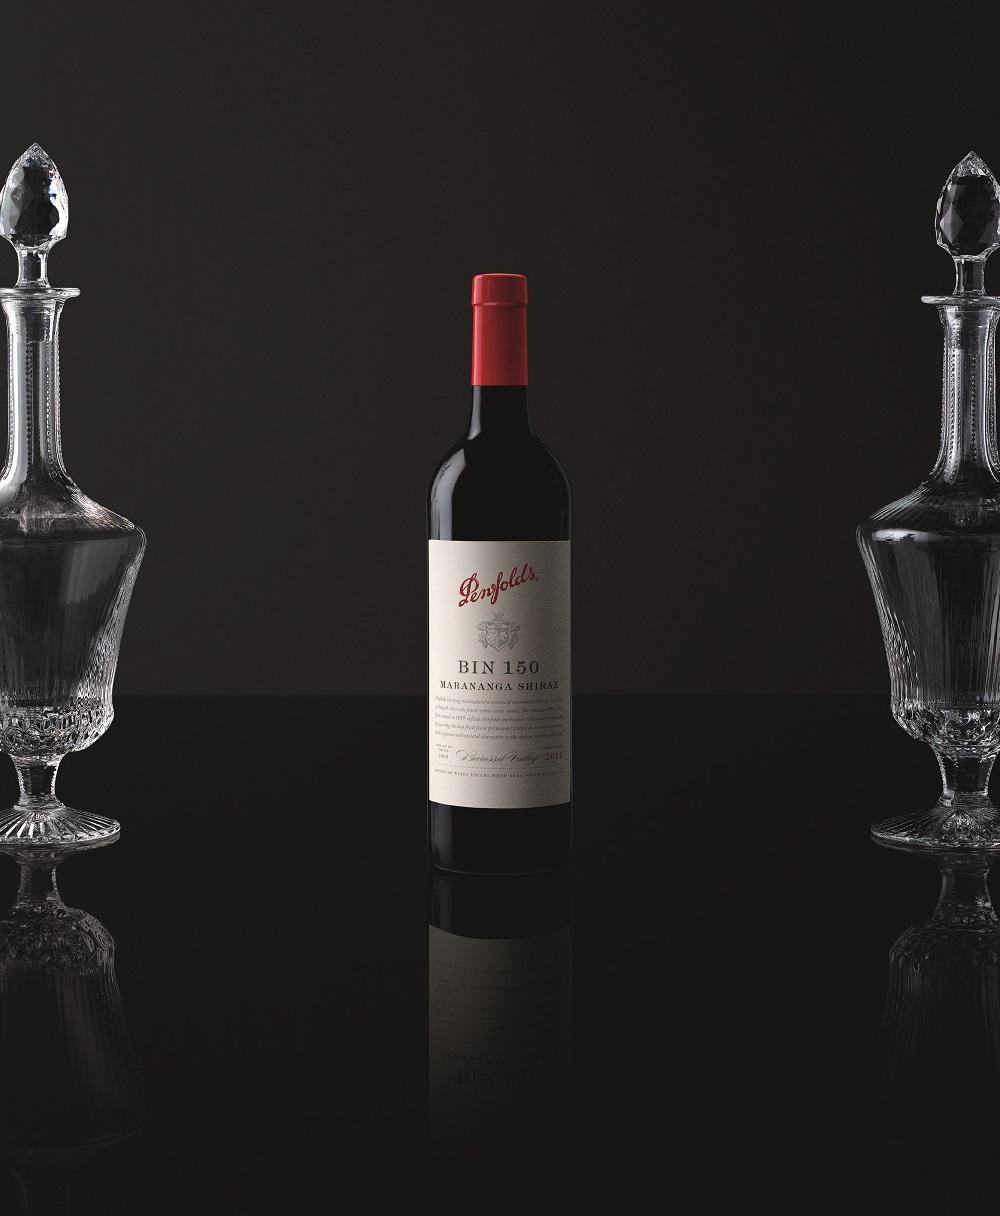 Bin 150 瑪拉南戈設拉子獨特的次產區風味毫無疑問是 Penfolds 的個性詮釋。葡萄生長在瑪拉南戈古老 的土地上,靠近巴羅莎谷中心地帶,位置偏西北,氣候溫暖乾燥,再加上肥沃的紅土壤,創造了釀造高品質葡 萄酒的優越條件。 Bin 150 的風格具現代感,是設拉子的另類表現,熟化過程採用新舊混合的法國及美國橡木桶 ,與 Penfolds 的傳統理念一脈相承。